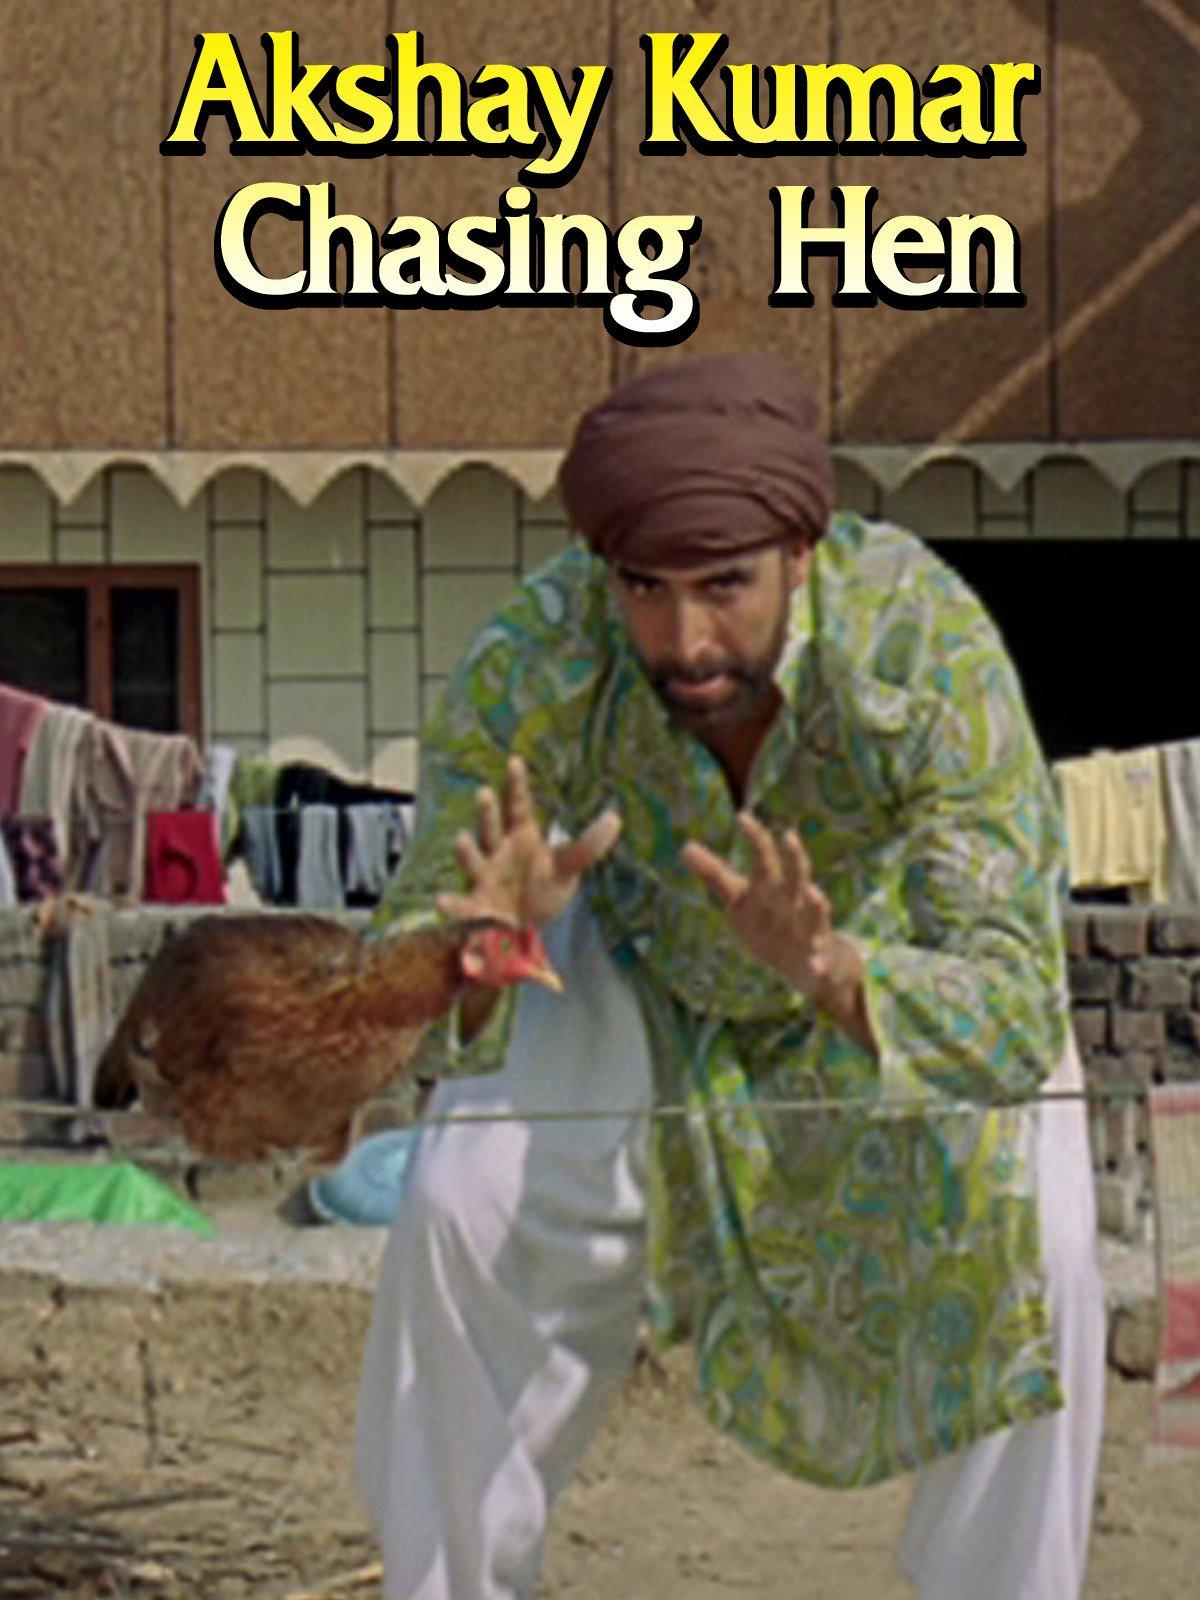 Clip: Akshay Kumar chasing Hen